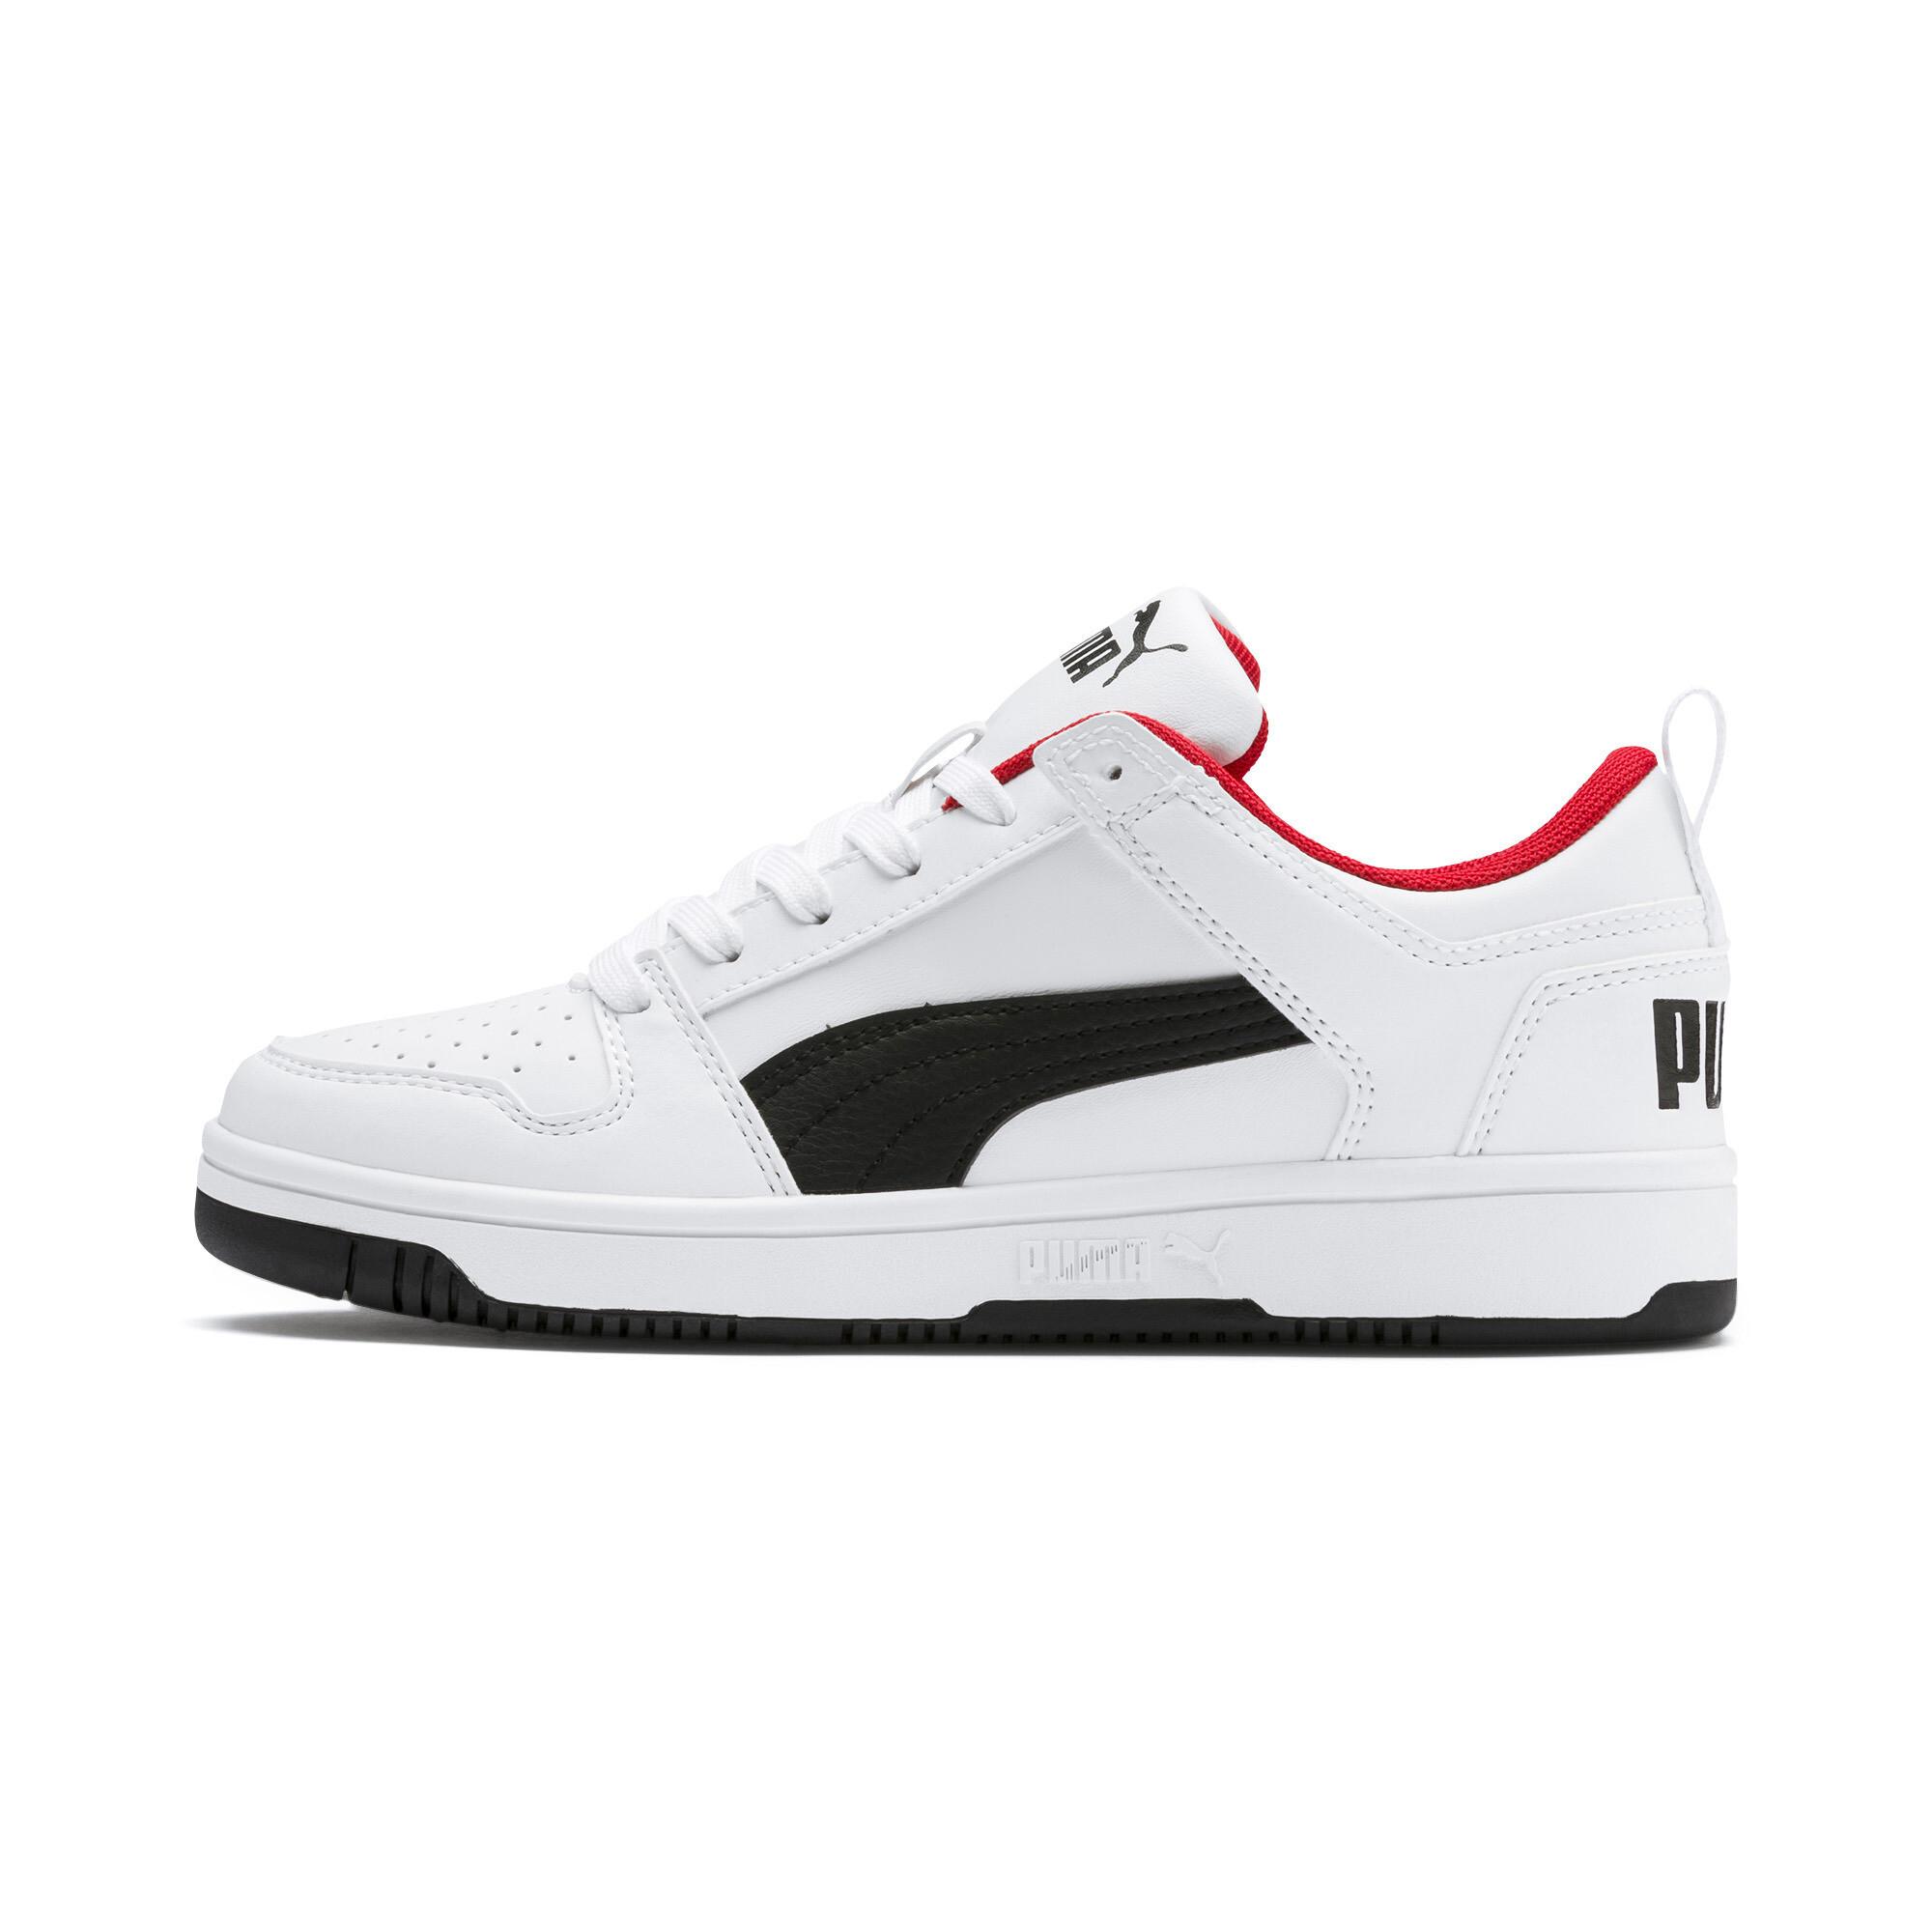 PUMA-PUMA-Rebound-LayUp-Lo-Sneakers-JR-Boys-Shoe-Kids thumbnail 10